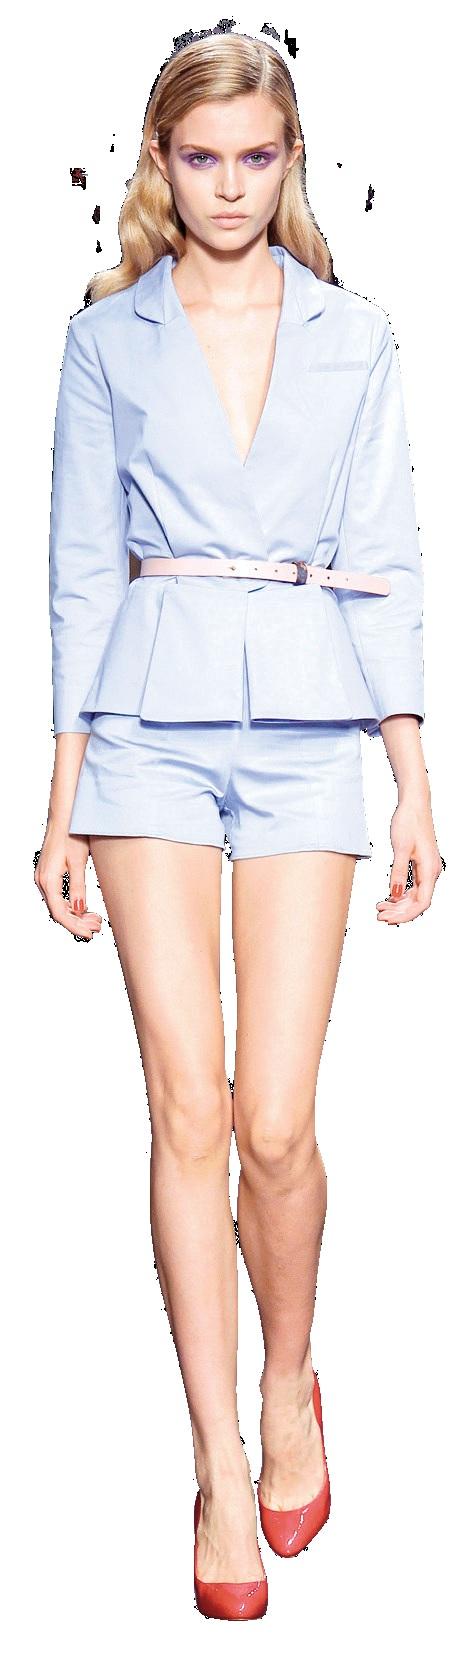 Những bộ vest mùa hè<br/> Những bộ vest phá cách tạo nên vẻ ngoài thông minh, năng động cho người mặc. Được may từ nhiều màu sắc với chất liệu mỏng, mềm, những bộ vest mùa này còn có họa tiết in lạ mắt cùng đường cắt và ren trang trí đáng yêu. Nếu không chọn cách kết hợp với cravat và sơ mi như gợi ý của các nhà thiết kế, bạn hoàn toàn có thể phối với những thứ khác trong tủ quần áo của mình để tạo ra sự khác biệt.